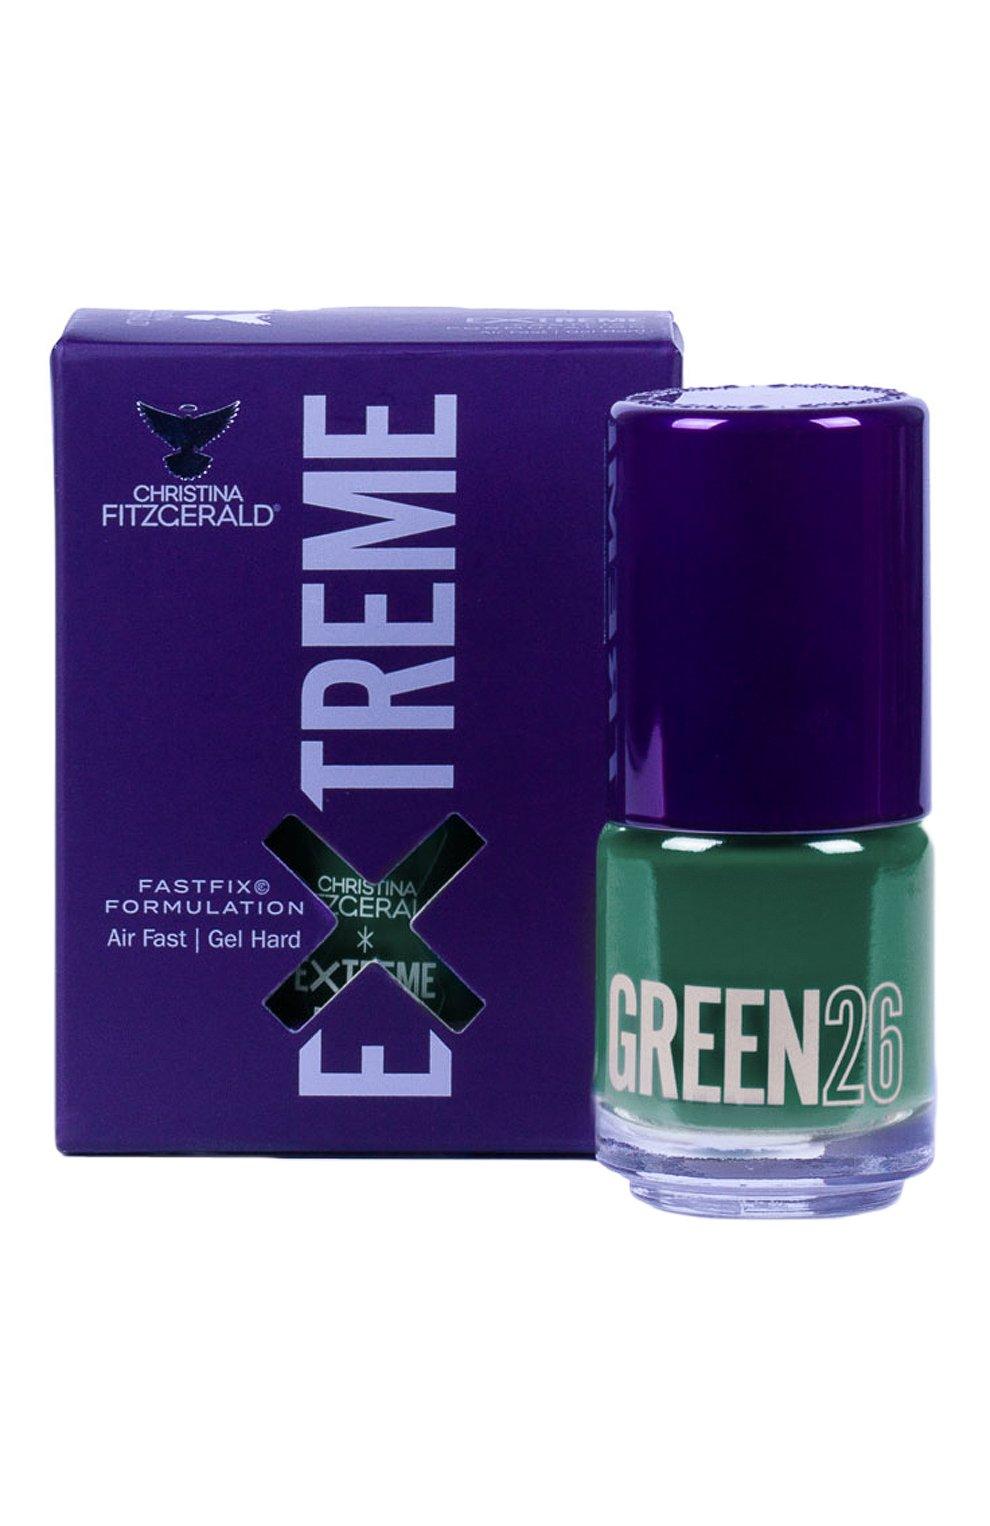 Женский лак для ногтей extreme, оттенок green 26 CHRISTINA FITZGERALD бесцветного цвета, арт. 9333381005151 | Фото 1